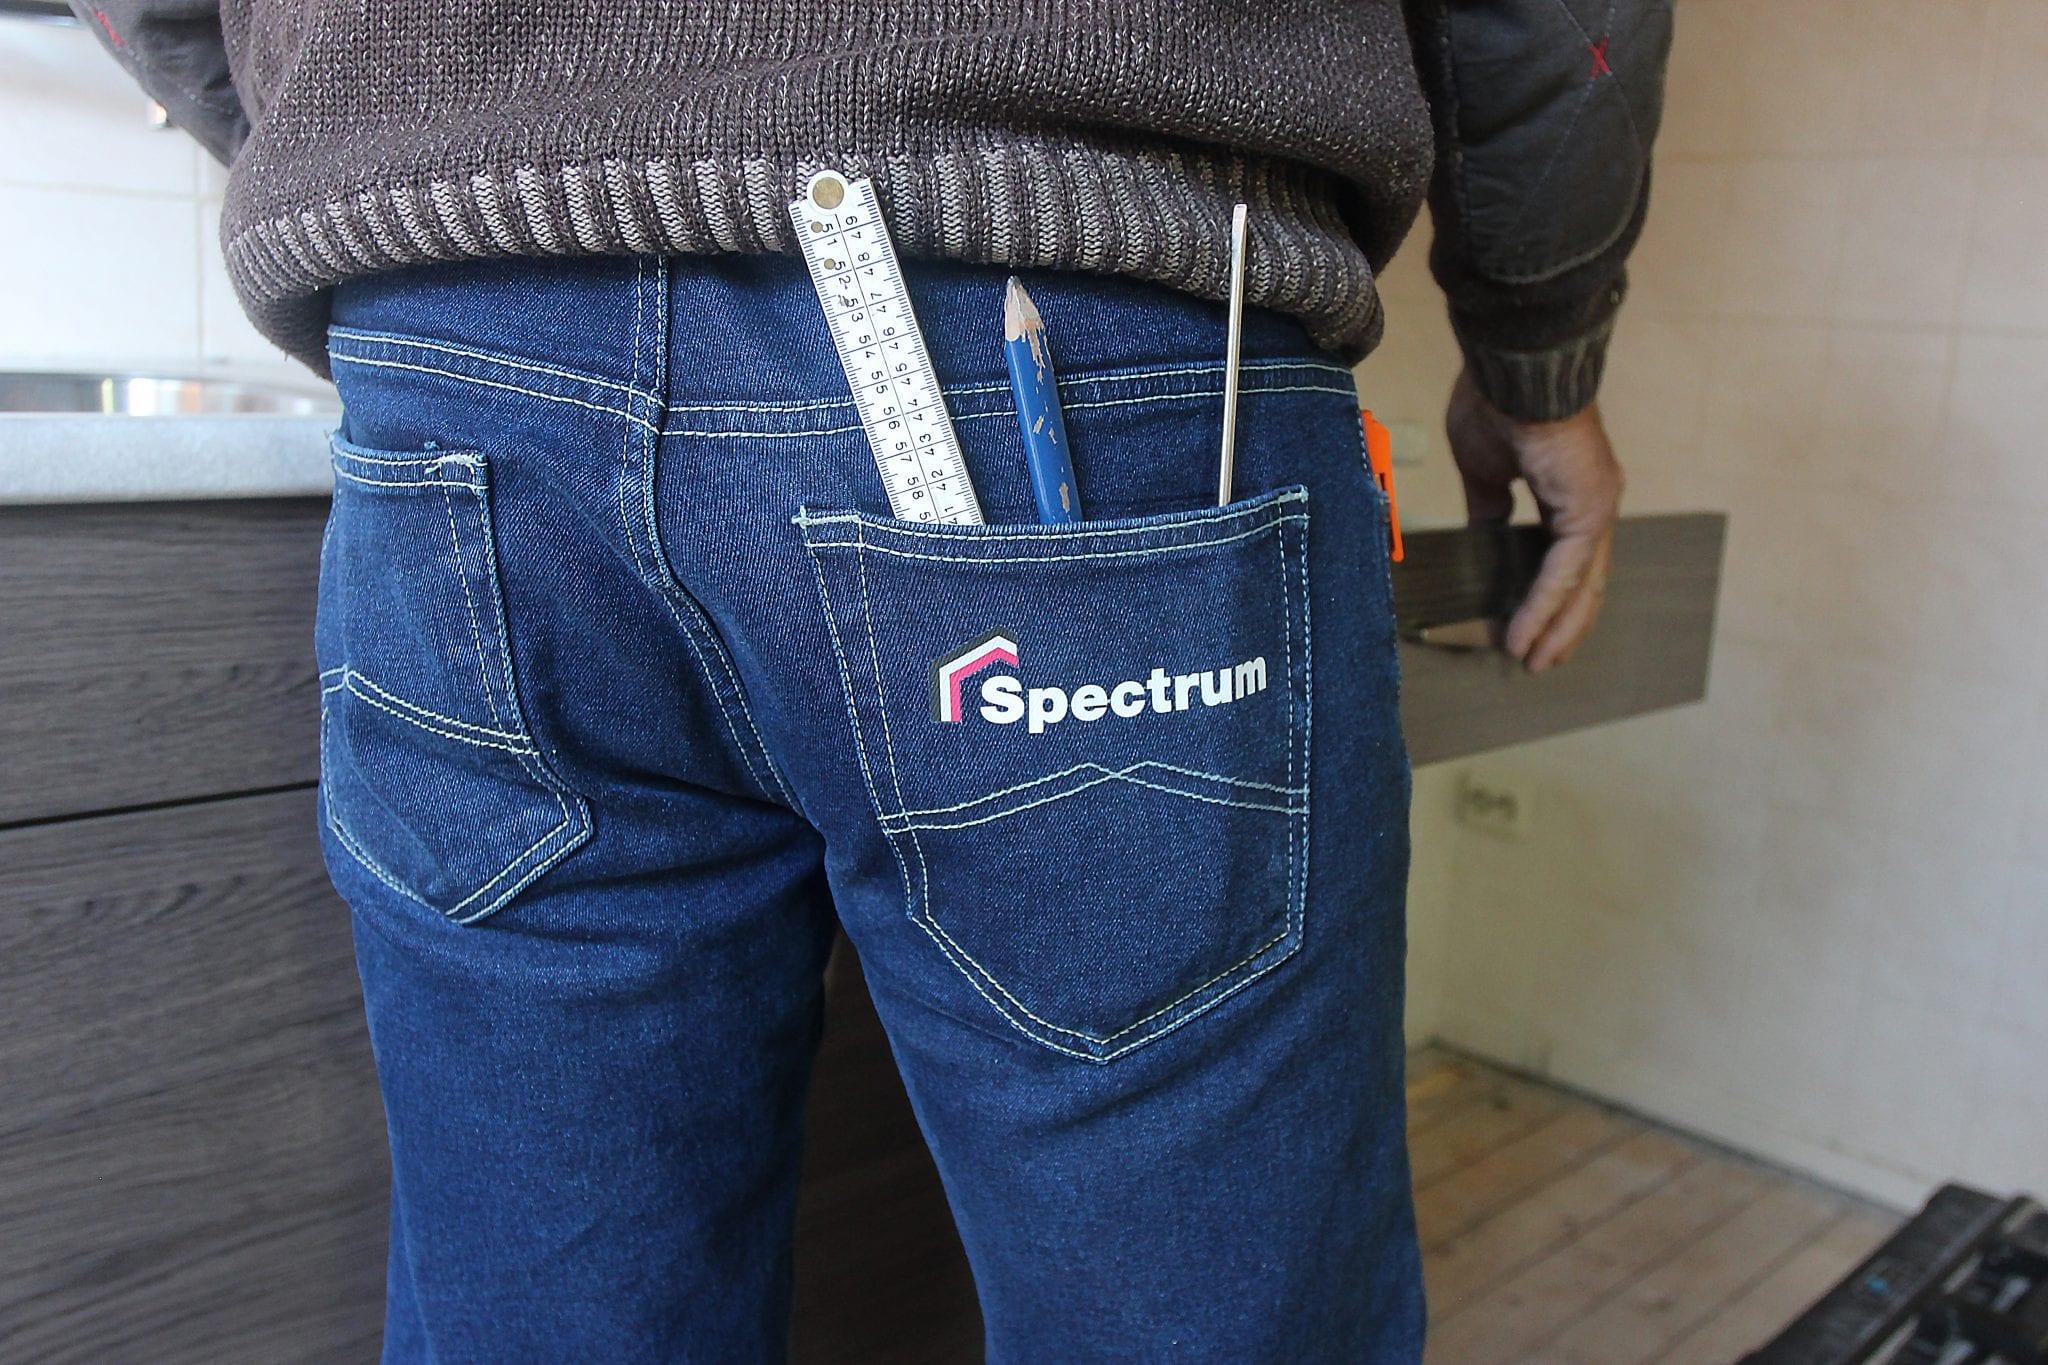 dagelijks onderhoud 5 Beter Wonen - ondehoud service spectrum